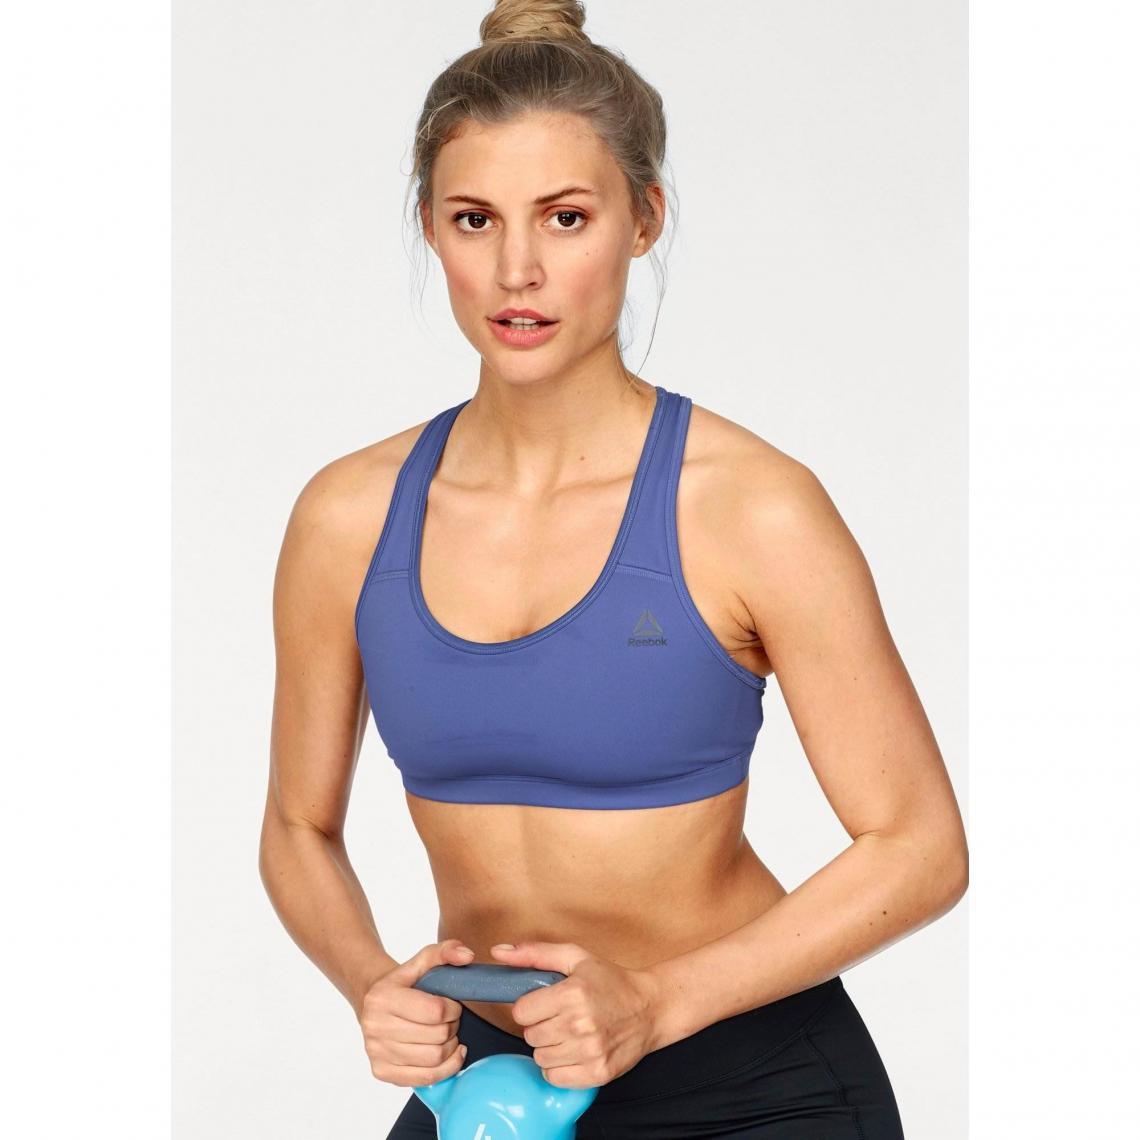 Brassière sport dos nageur femme Reebok - Bleu Reebok Femme 47a1c53e439